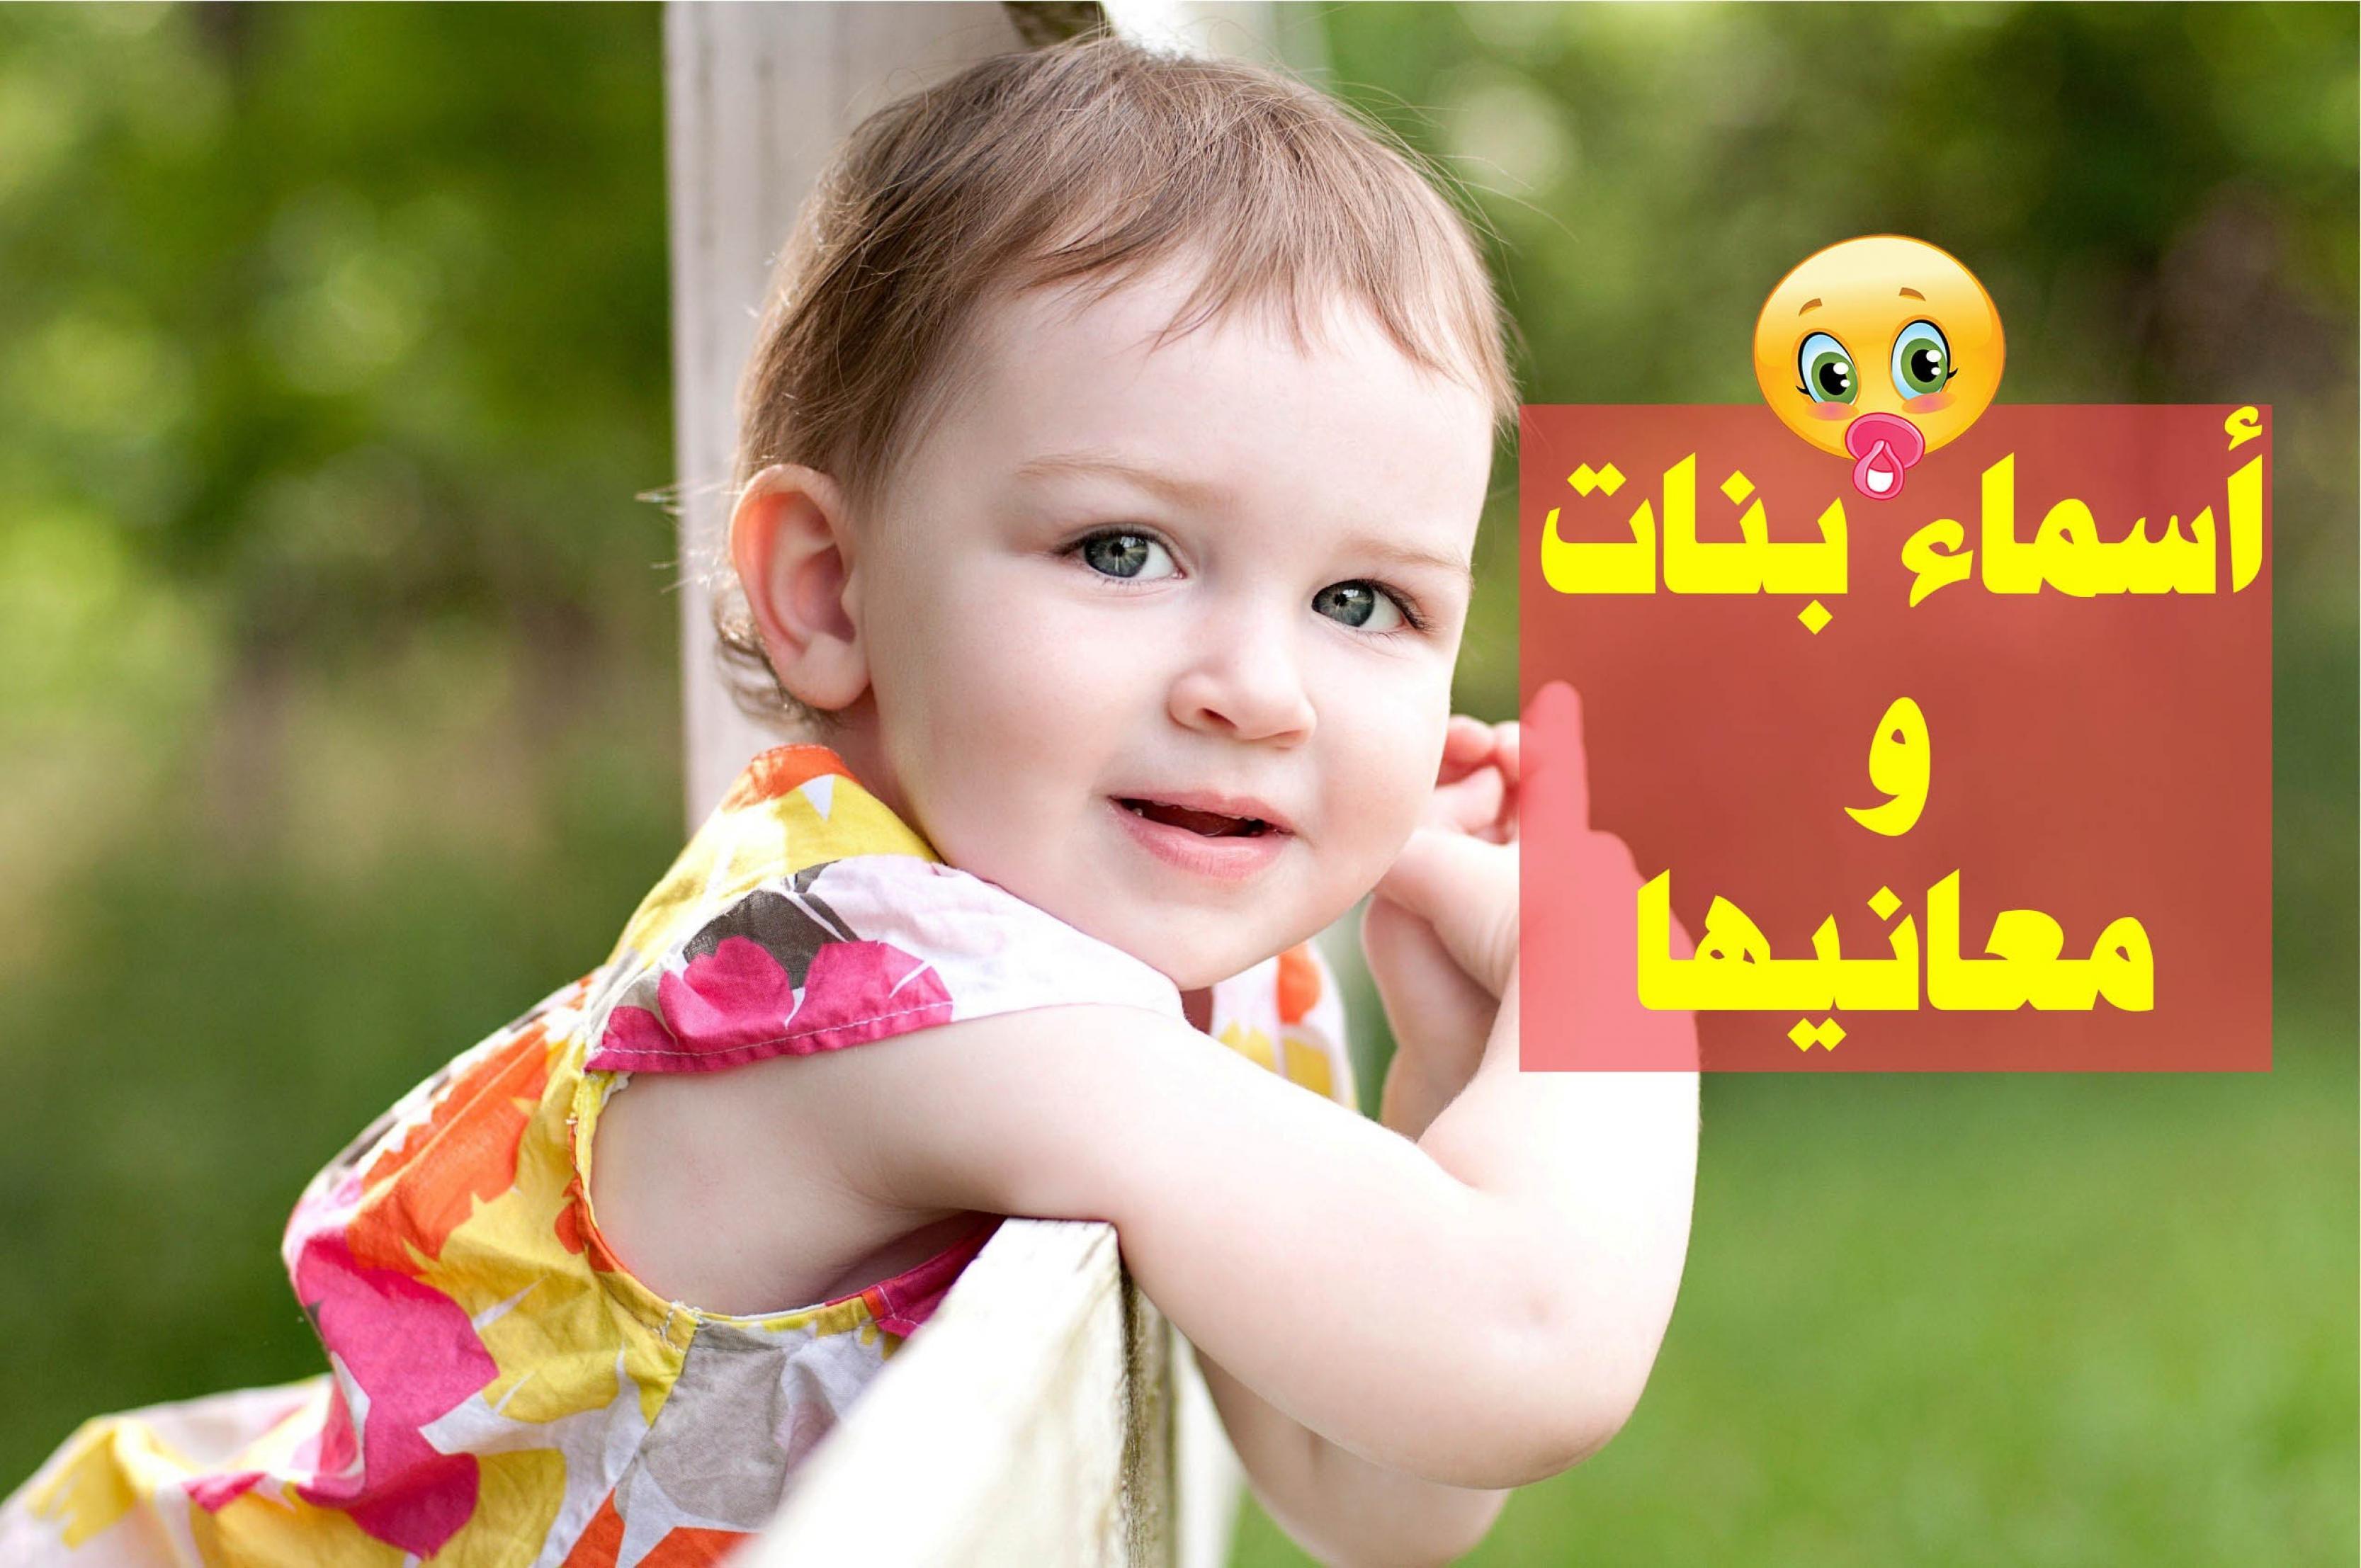 صوره احسن اسماء بنات ومعانيها